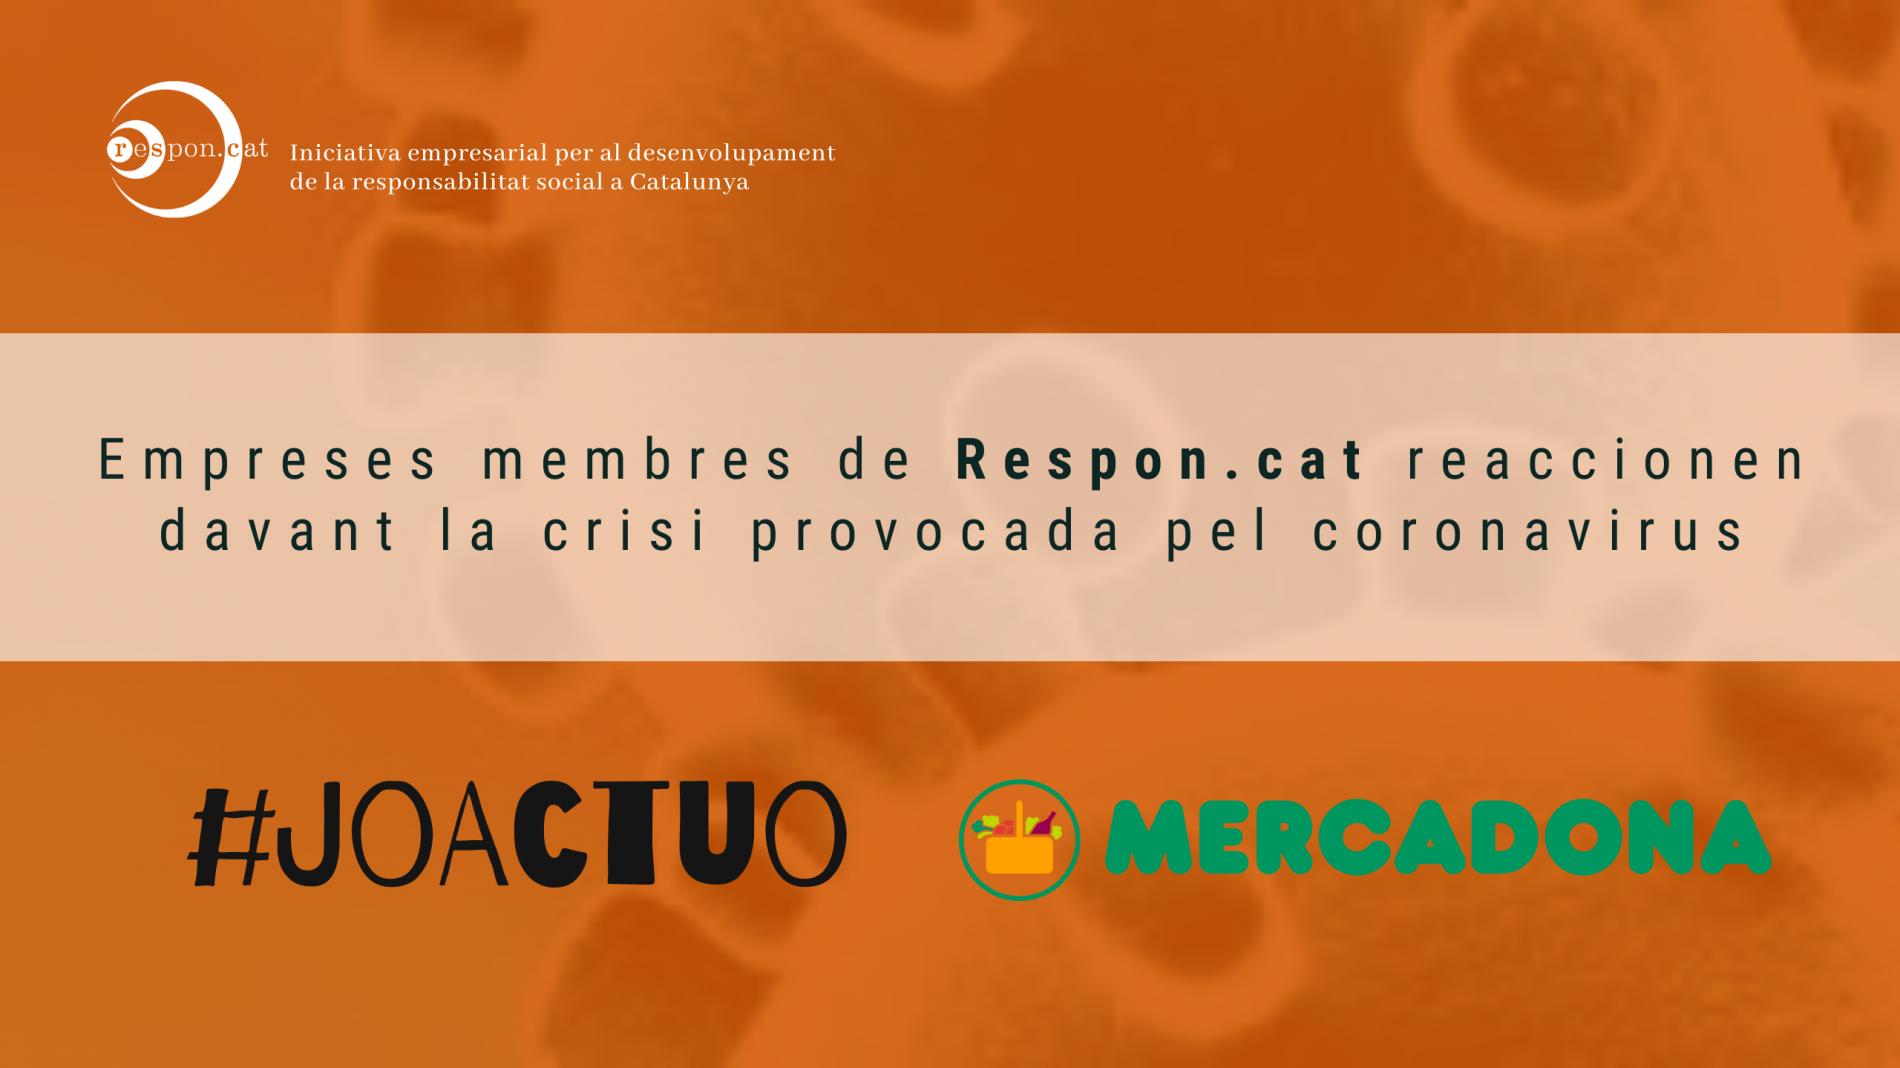 [Vídeo] Mercadona pren mesures davant la crisi del coronavirus